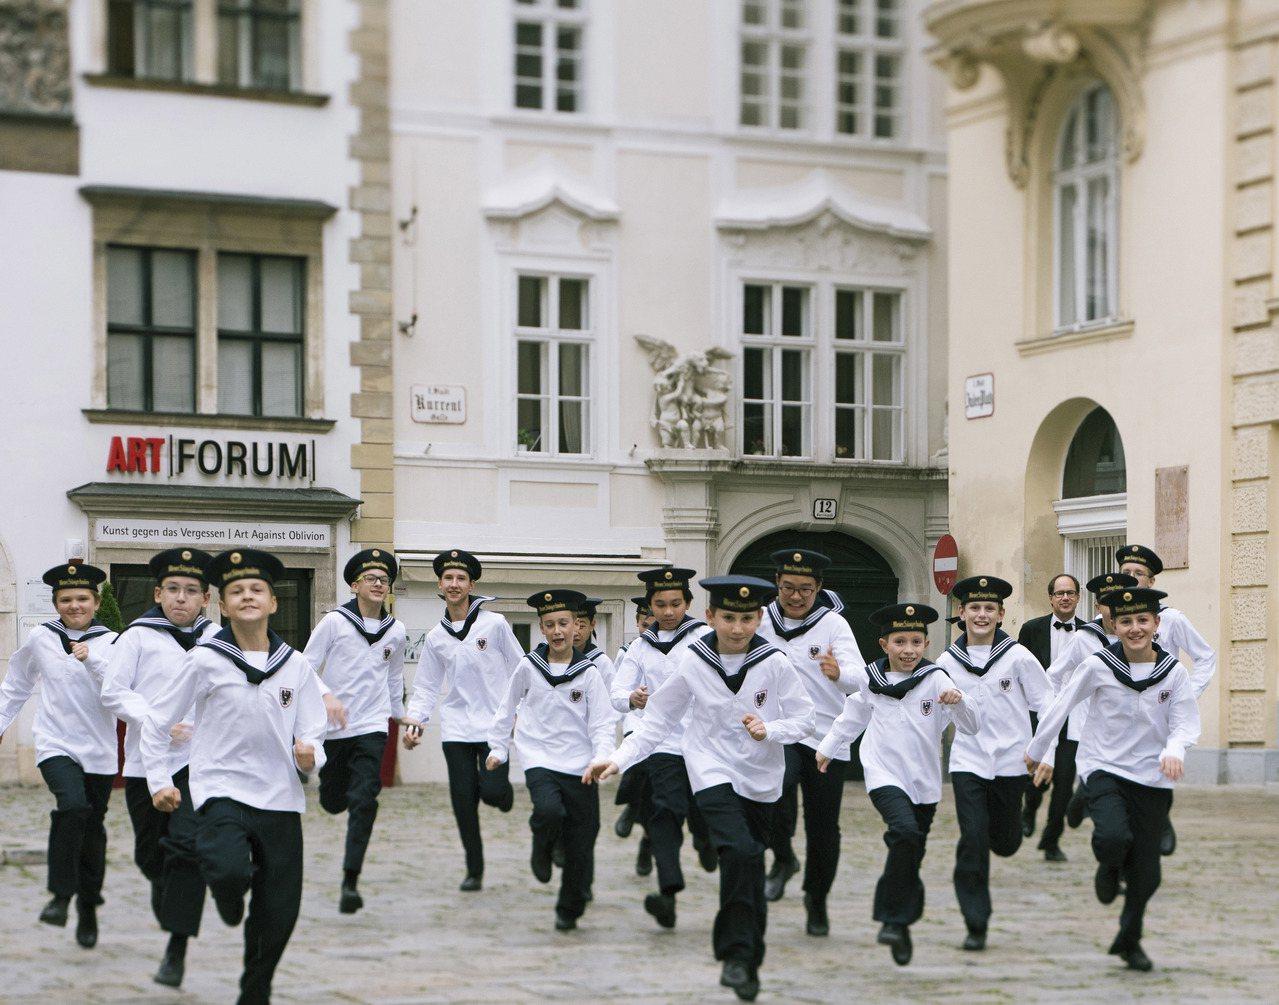 維也納少年合唱團今年來台演唱曲目豐富多元,除了著名的聖歌外,更融入百老匯音樂劇,...